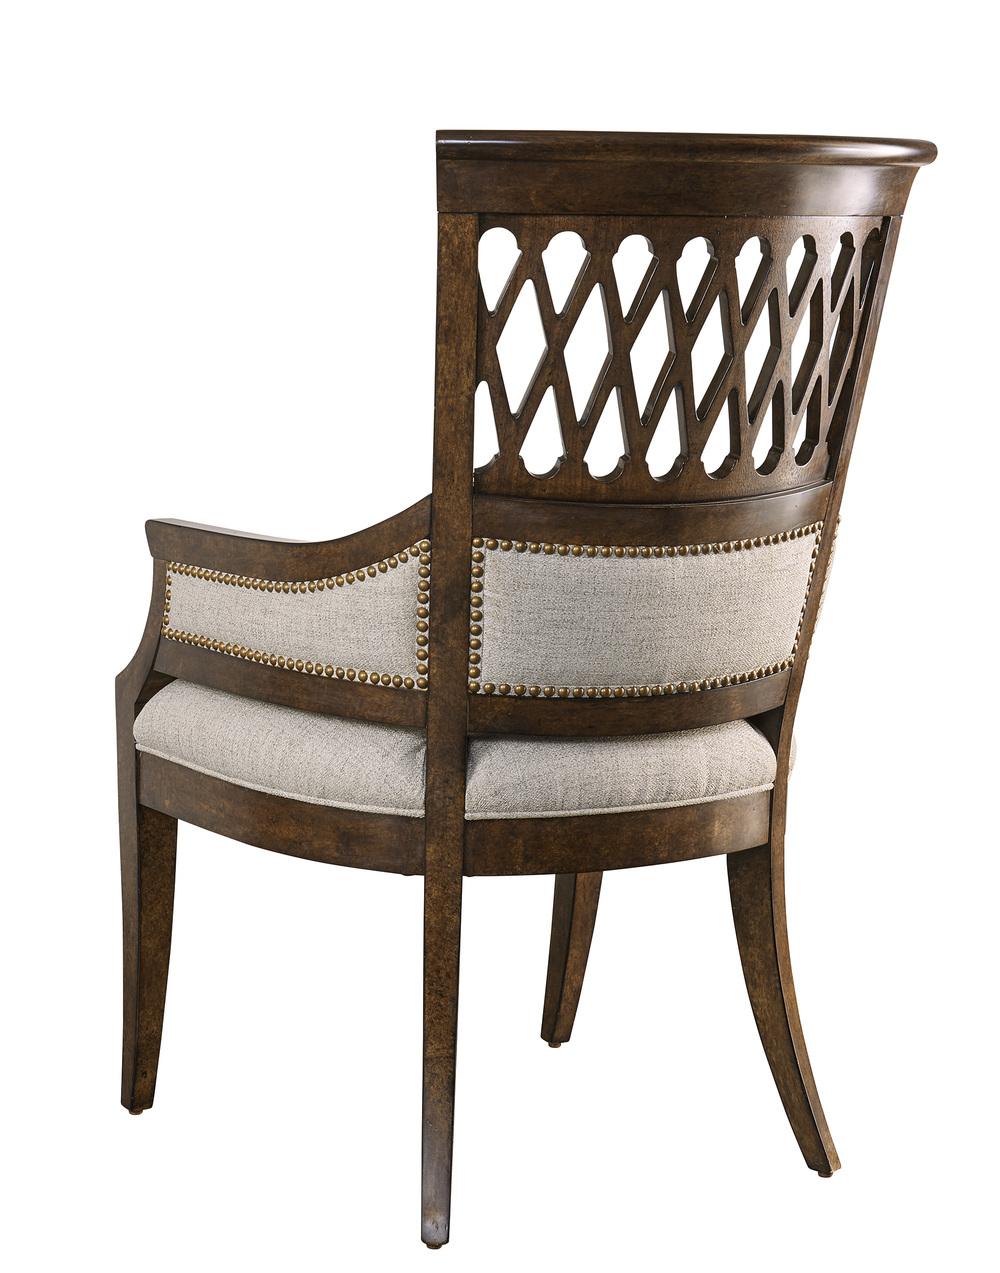 A.R.T. Furniture - Arm Chair